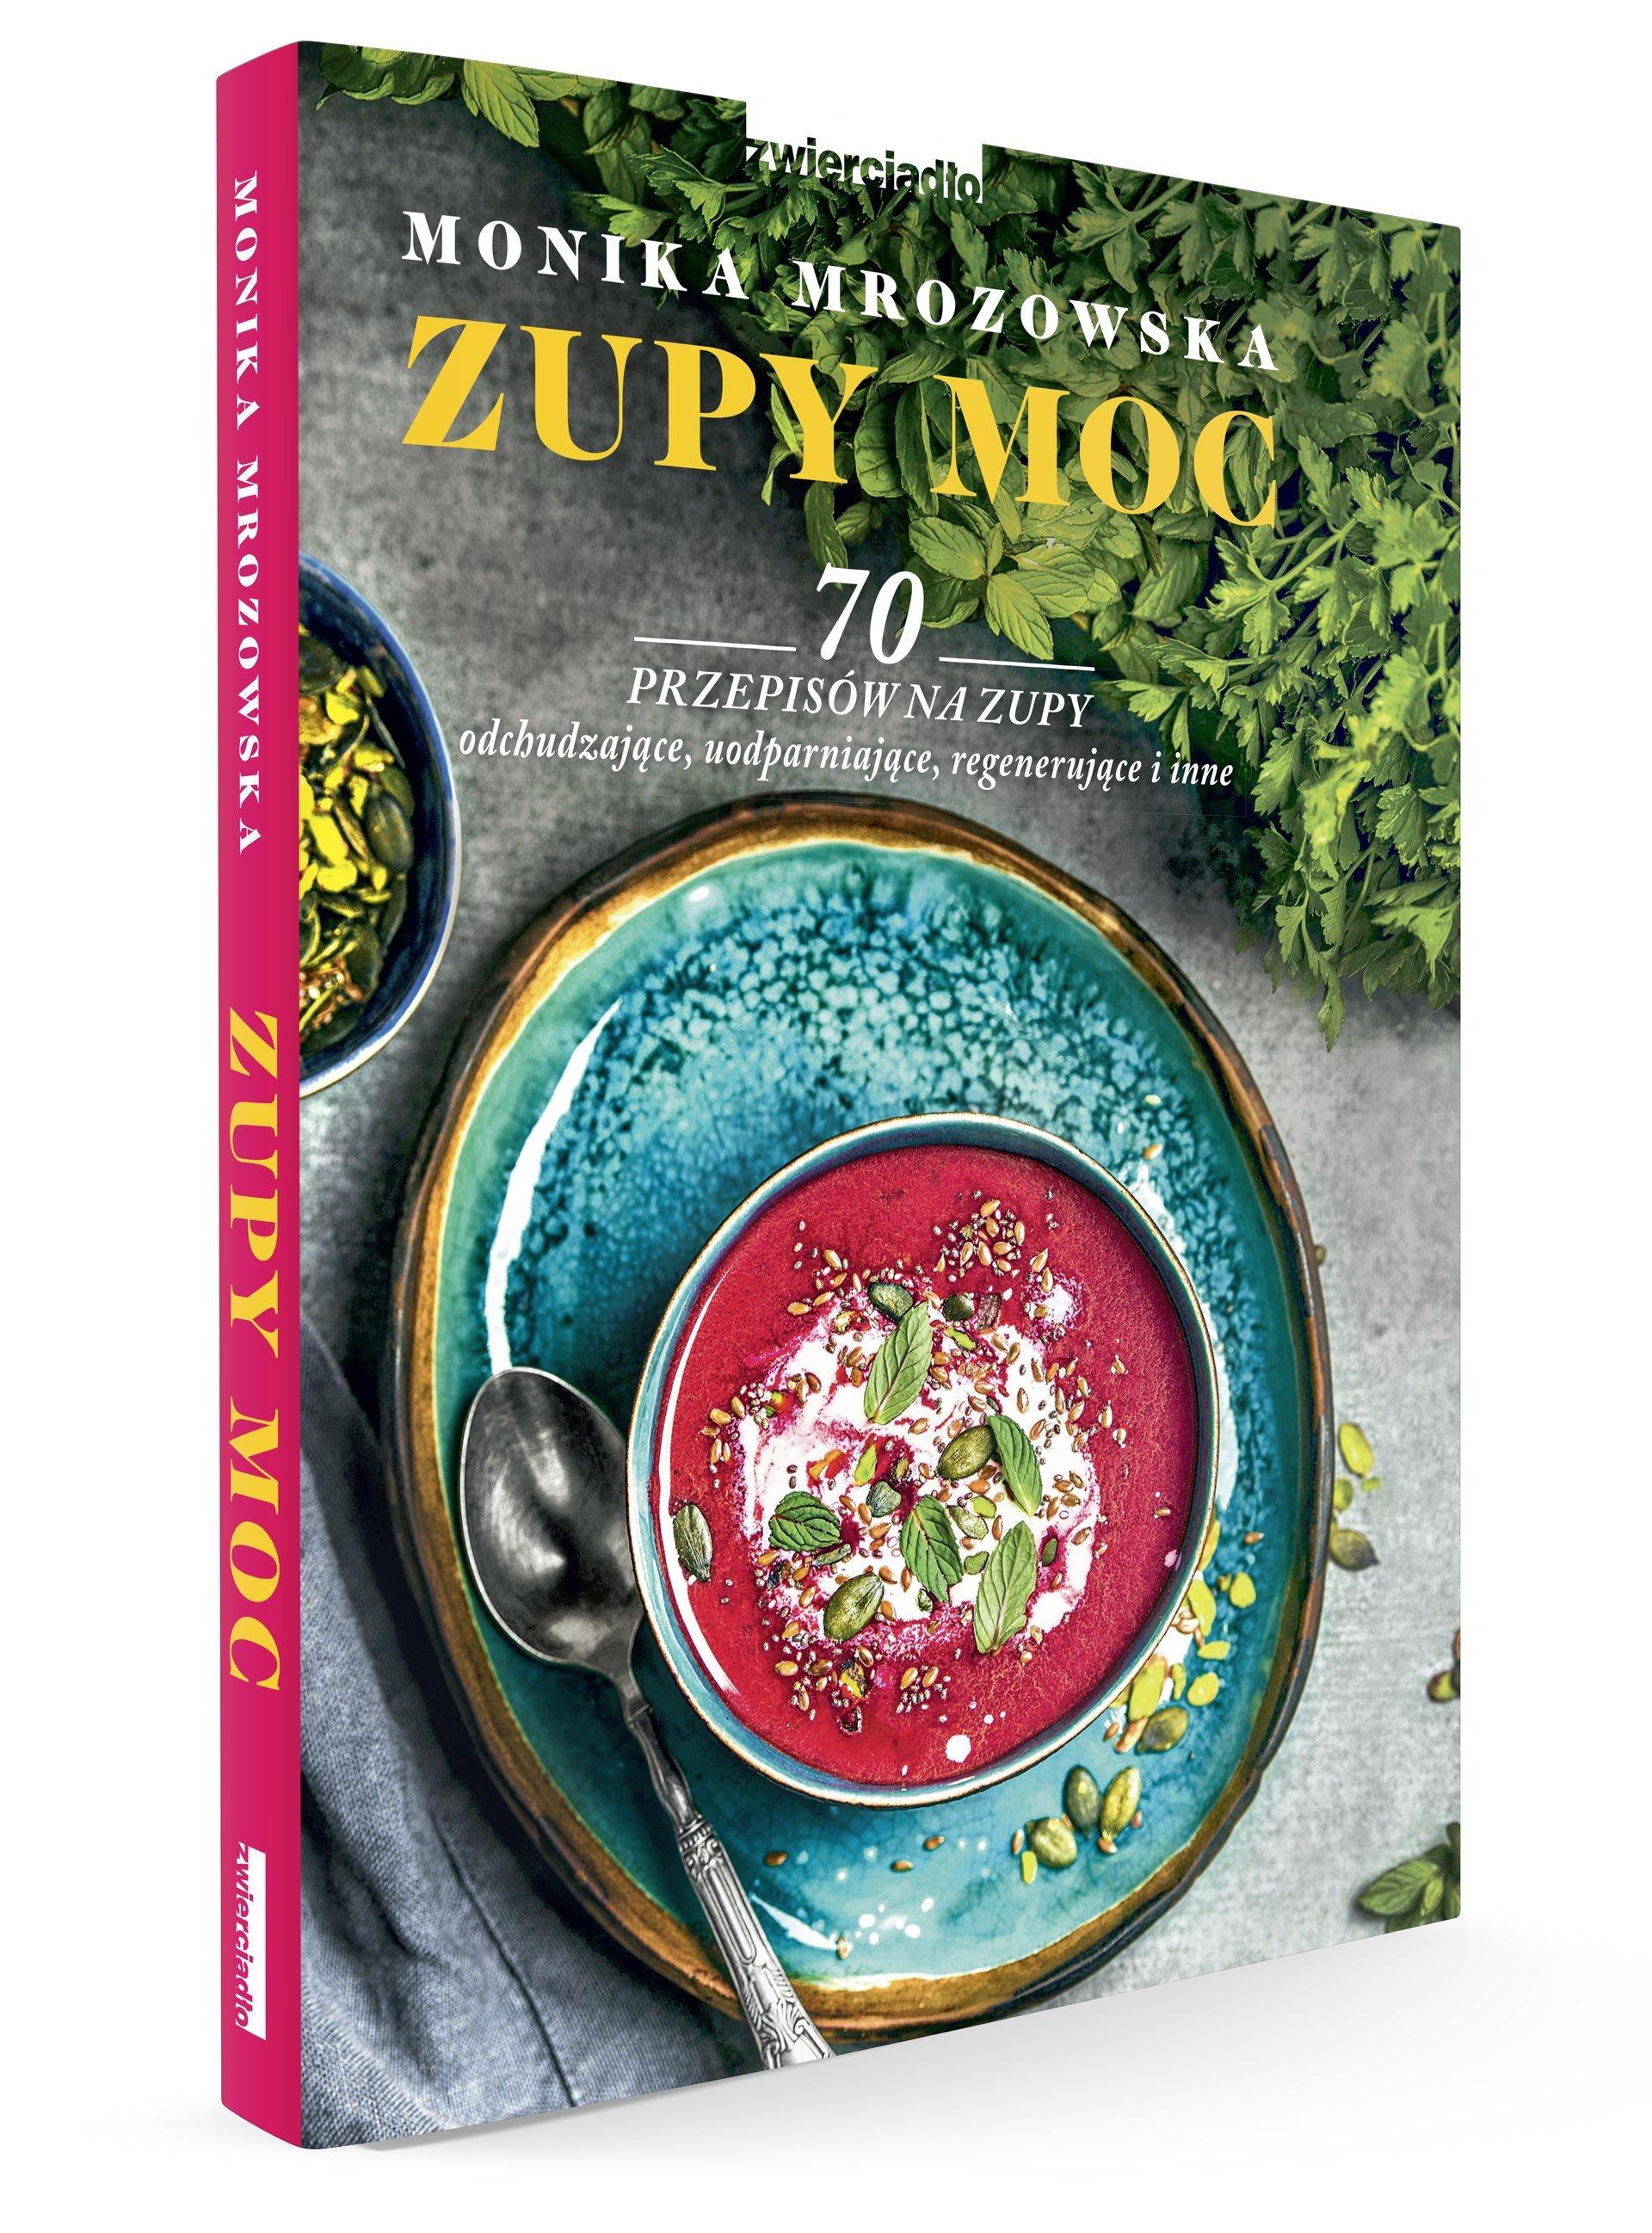 Premiera 70 przepisów Moniki Mrozowskiej na zupy pełne mocy i smaku